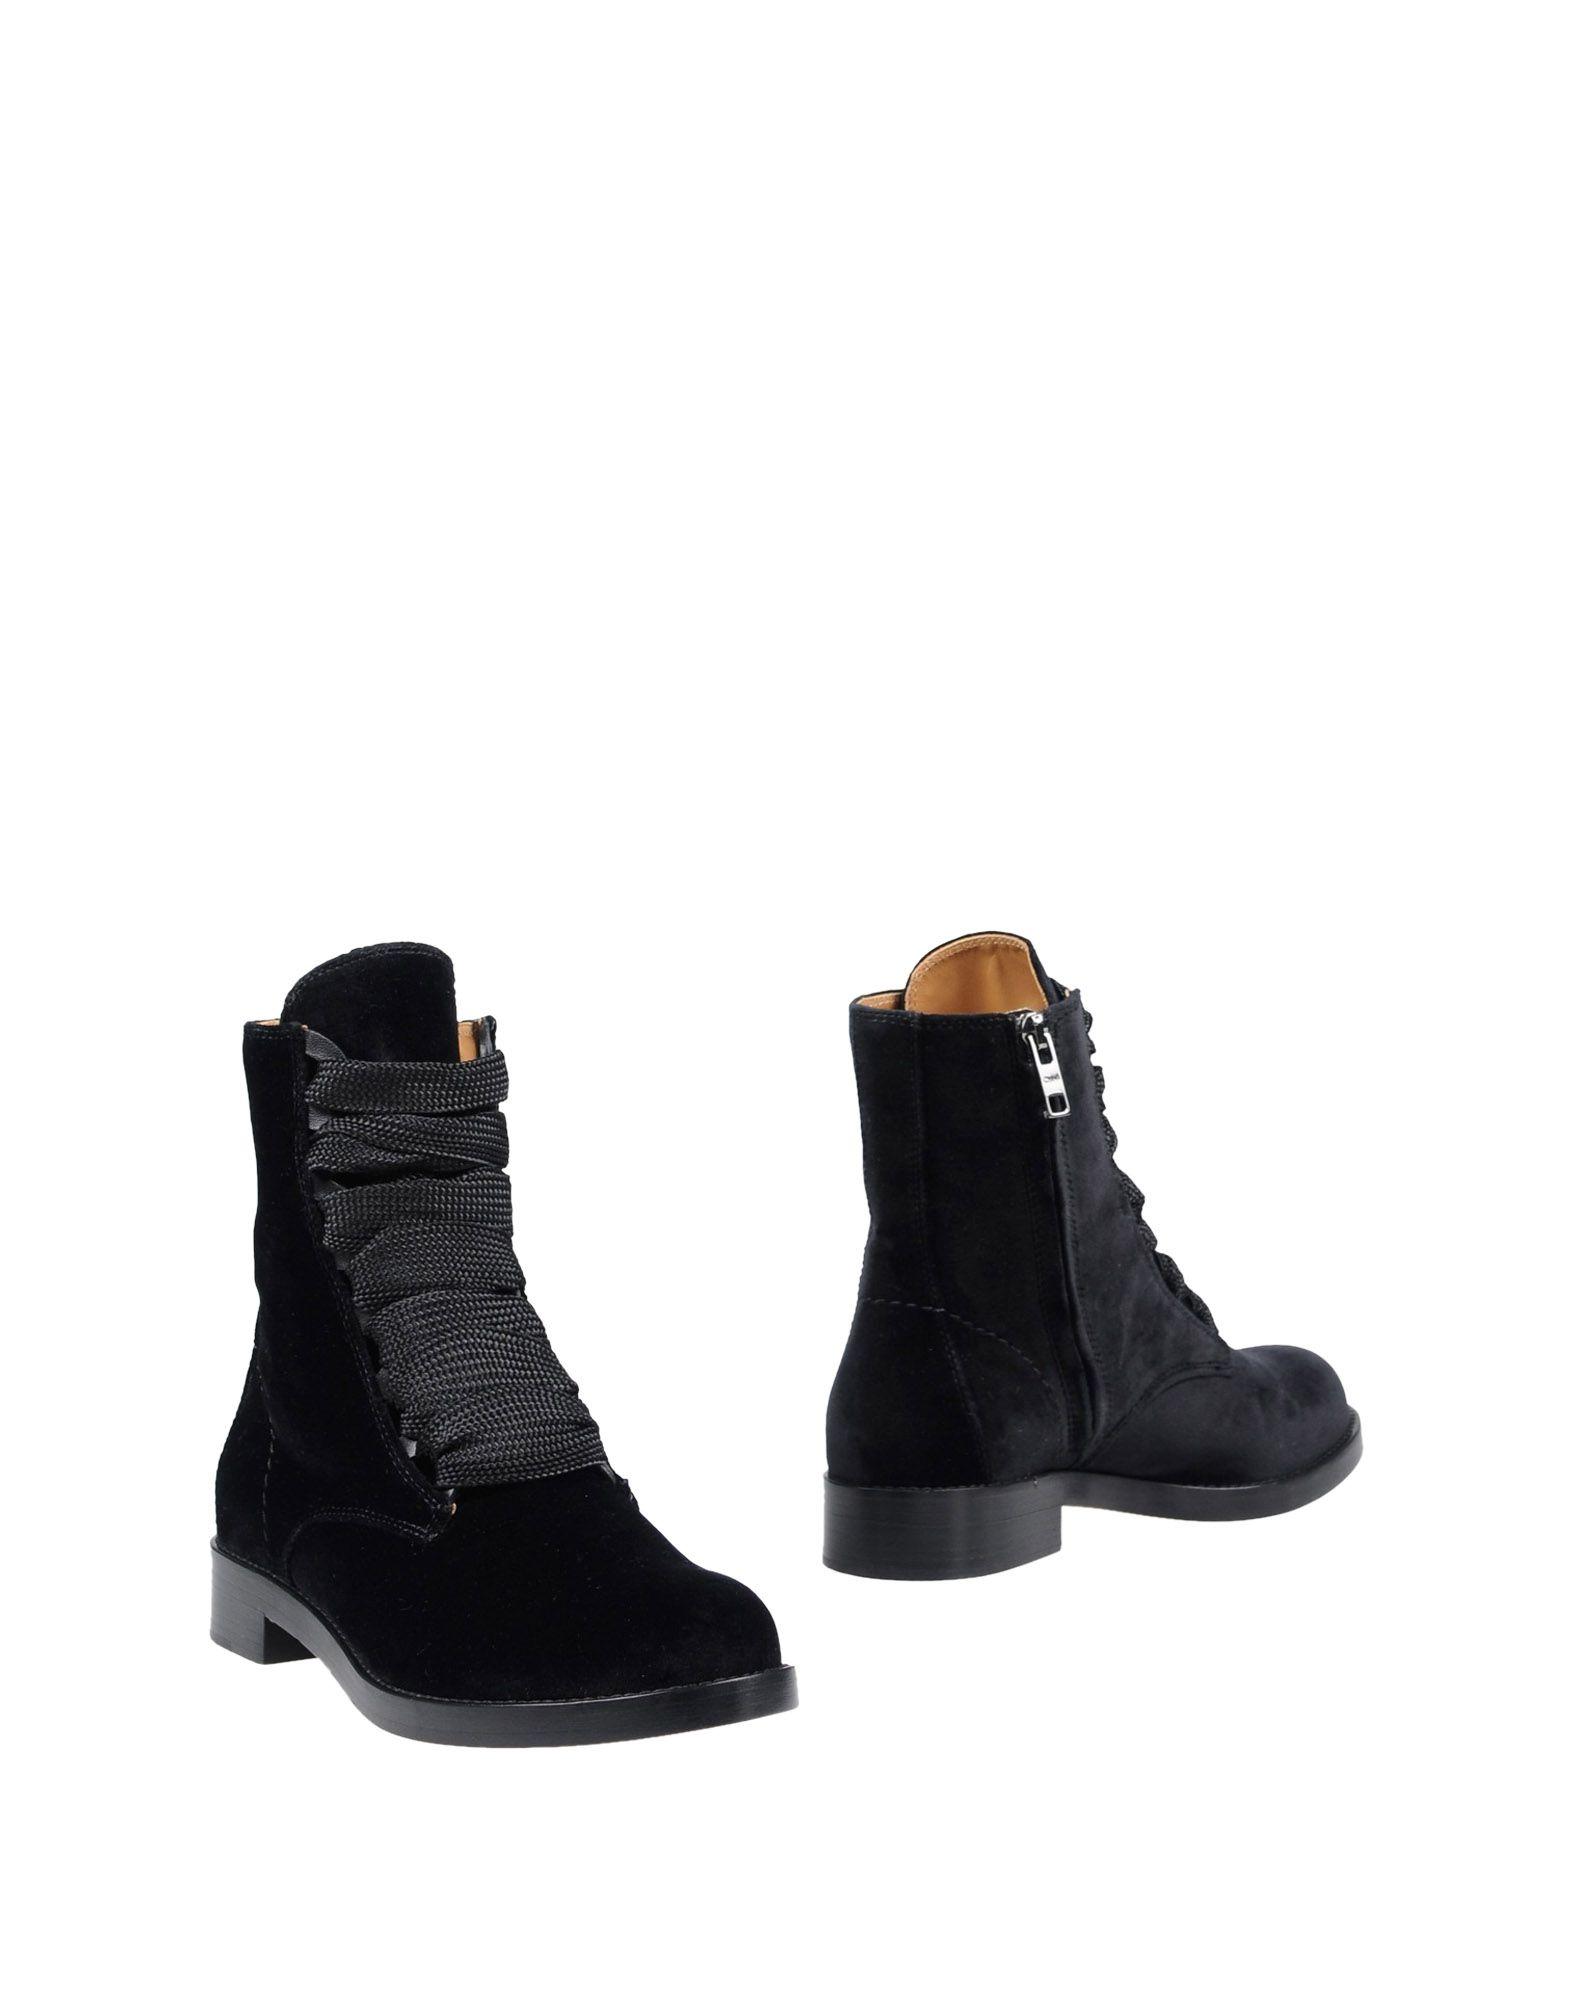 Chloé Stiefelette Damen Schuhe  11448476LSGünstige gut aussehende Schuhe Damen 02e141